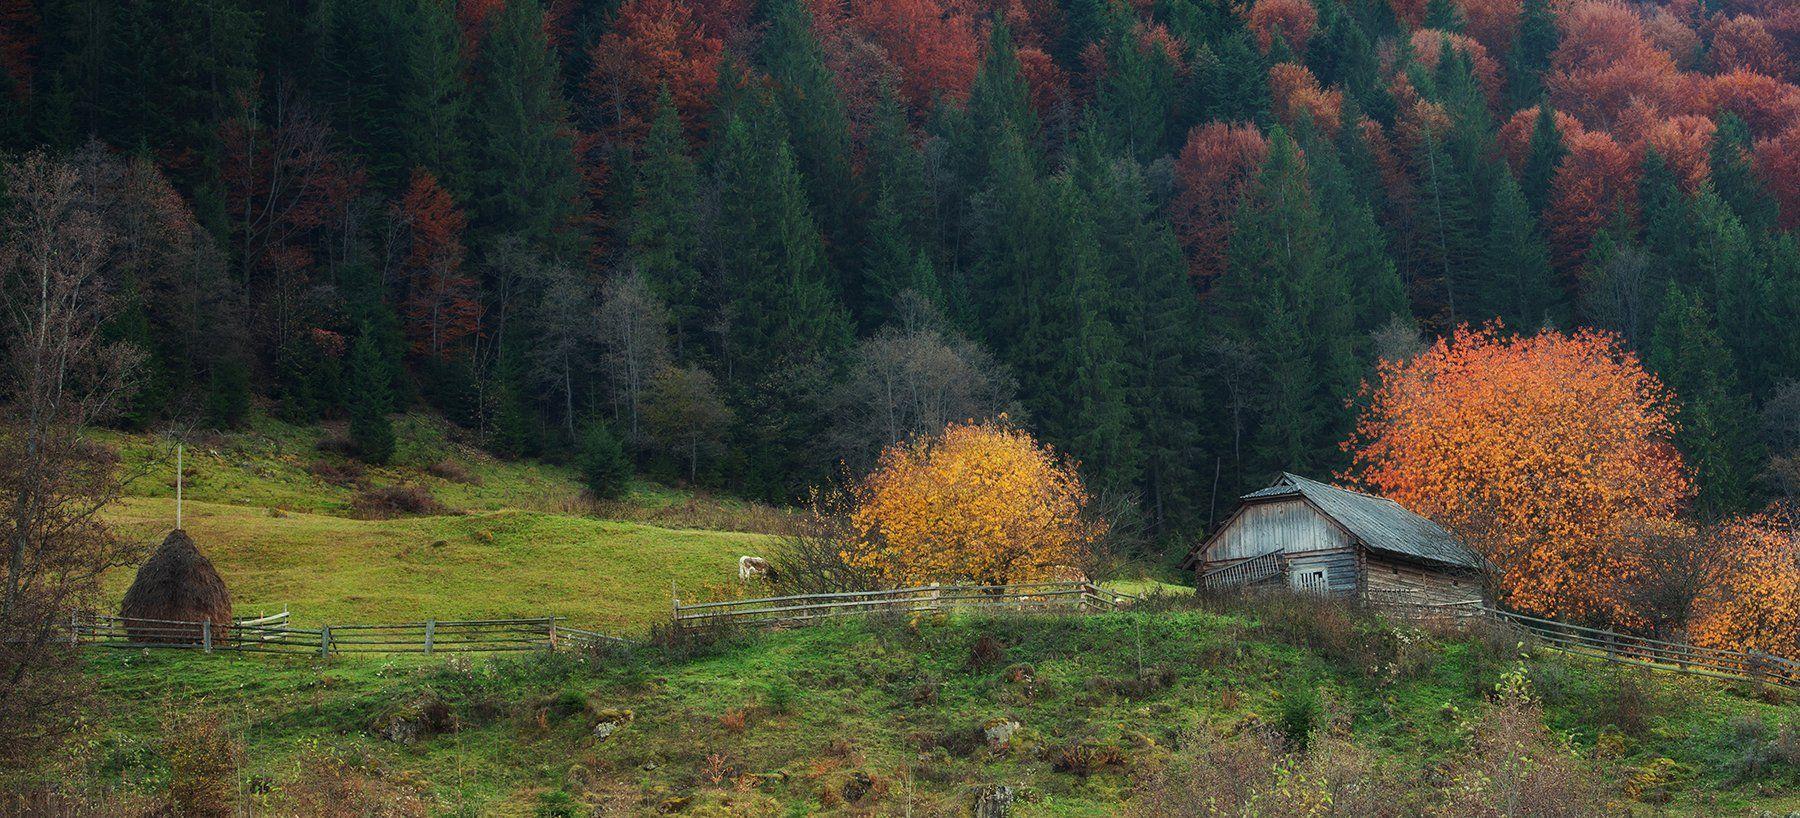 горы, лес, изба, осень, Вьюшкин Игорь